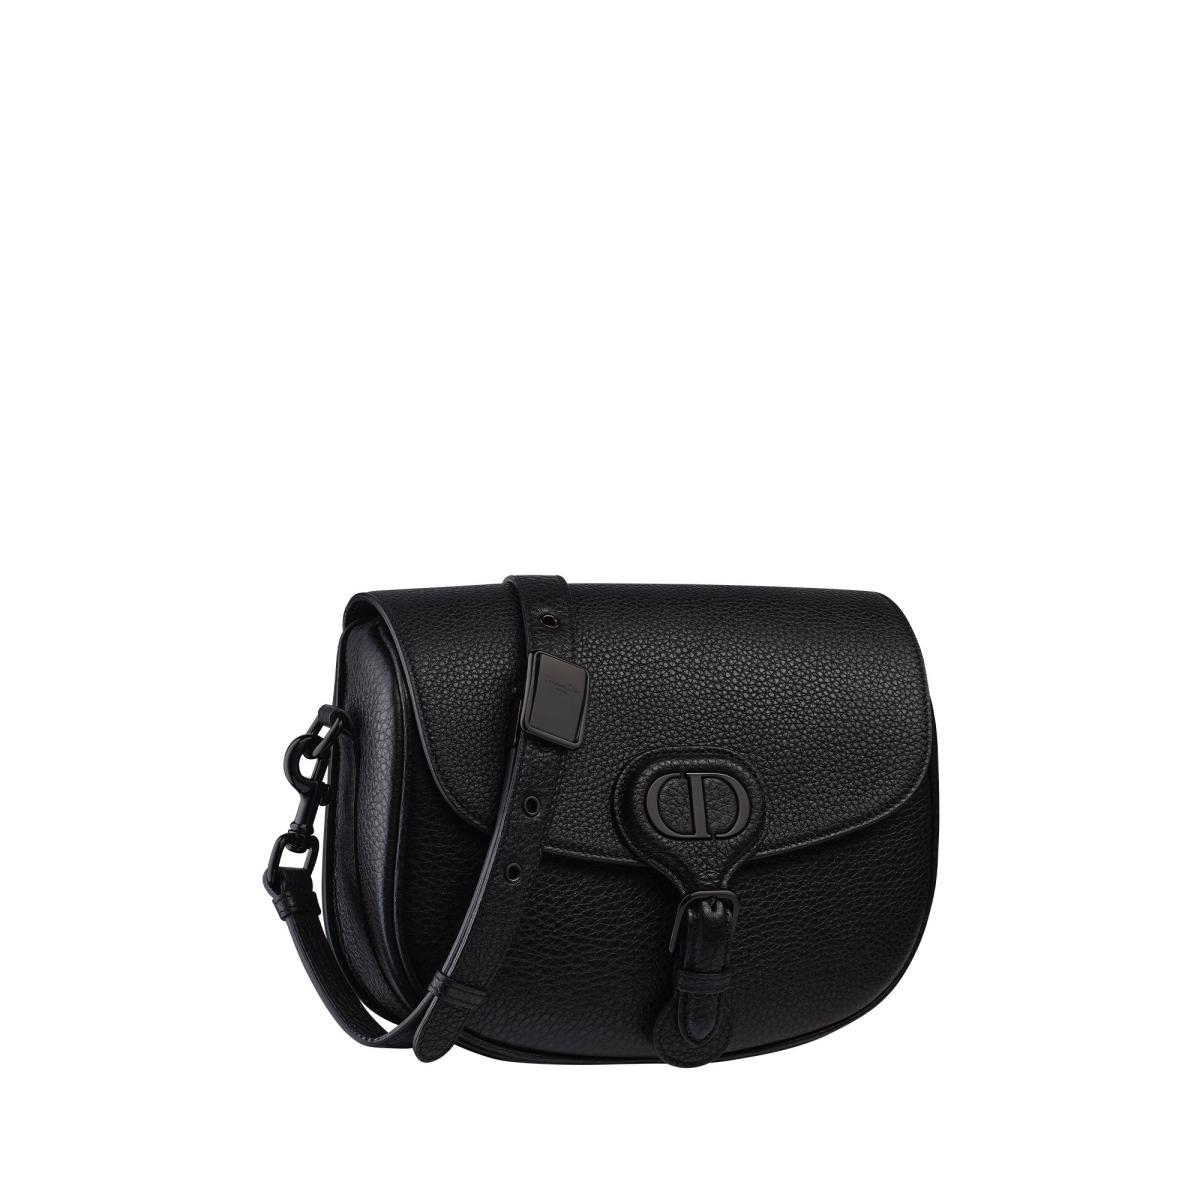 永遠讓人心動!DIOR全新黑色手袋系列,款款令人著迷~黑色控別錯過